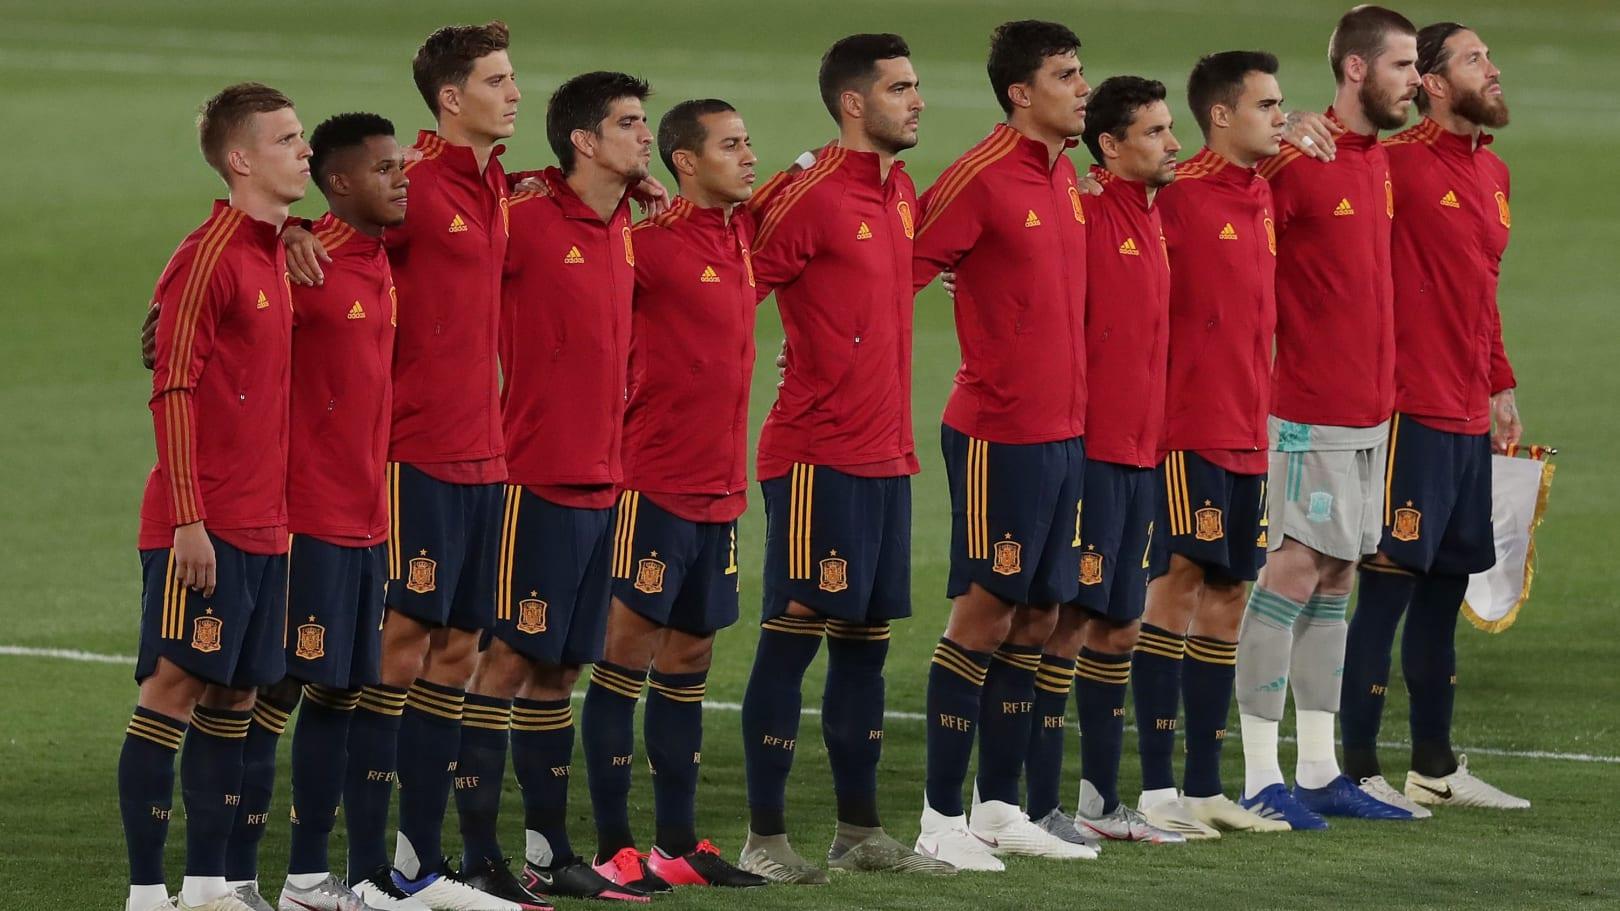 Hilo de la selección de España (selección española) - Página 2 Spain-v-Ukraine---UEFA-Nations-League-d5dce3f5a1d7531eda35dc8360b22431